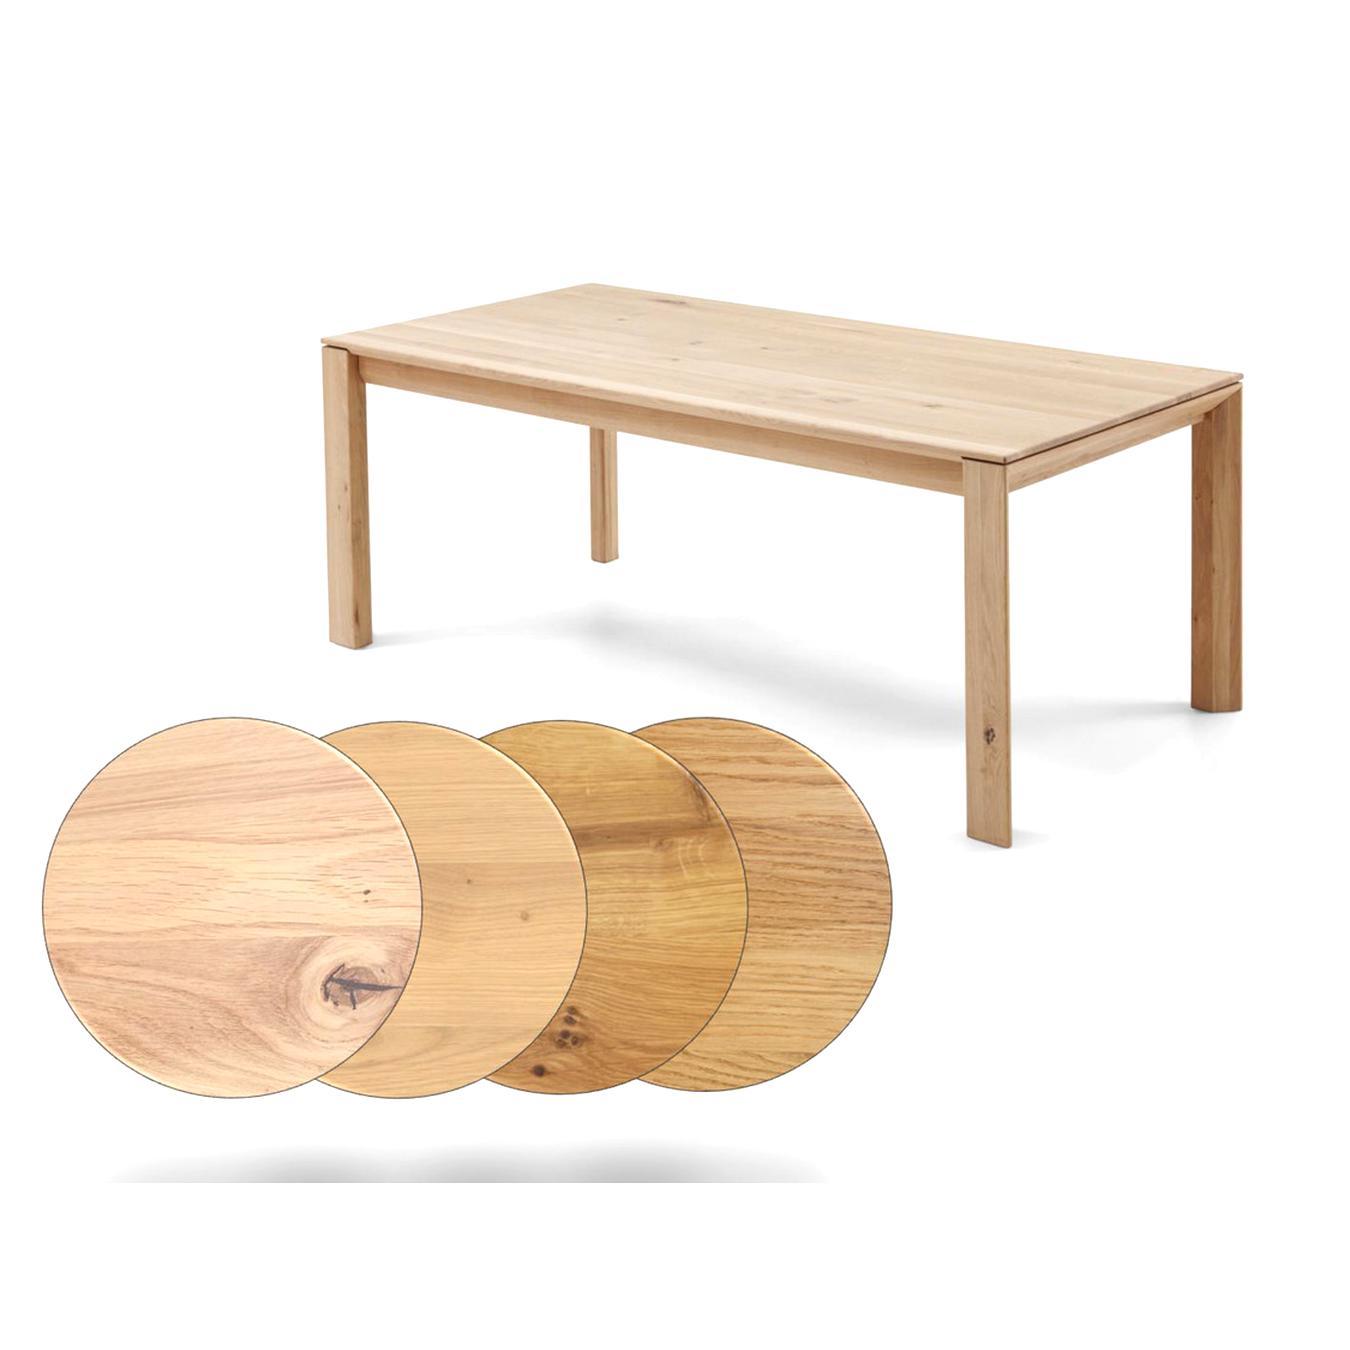 Tisch Eiche Ausziehbar gebraucht kaufen! 33 St. bis -33% günstiger